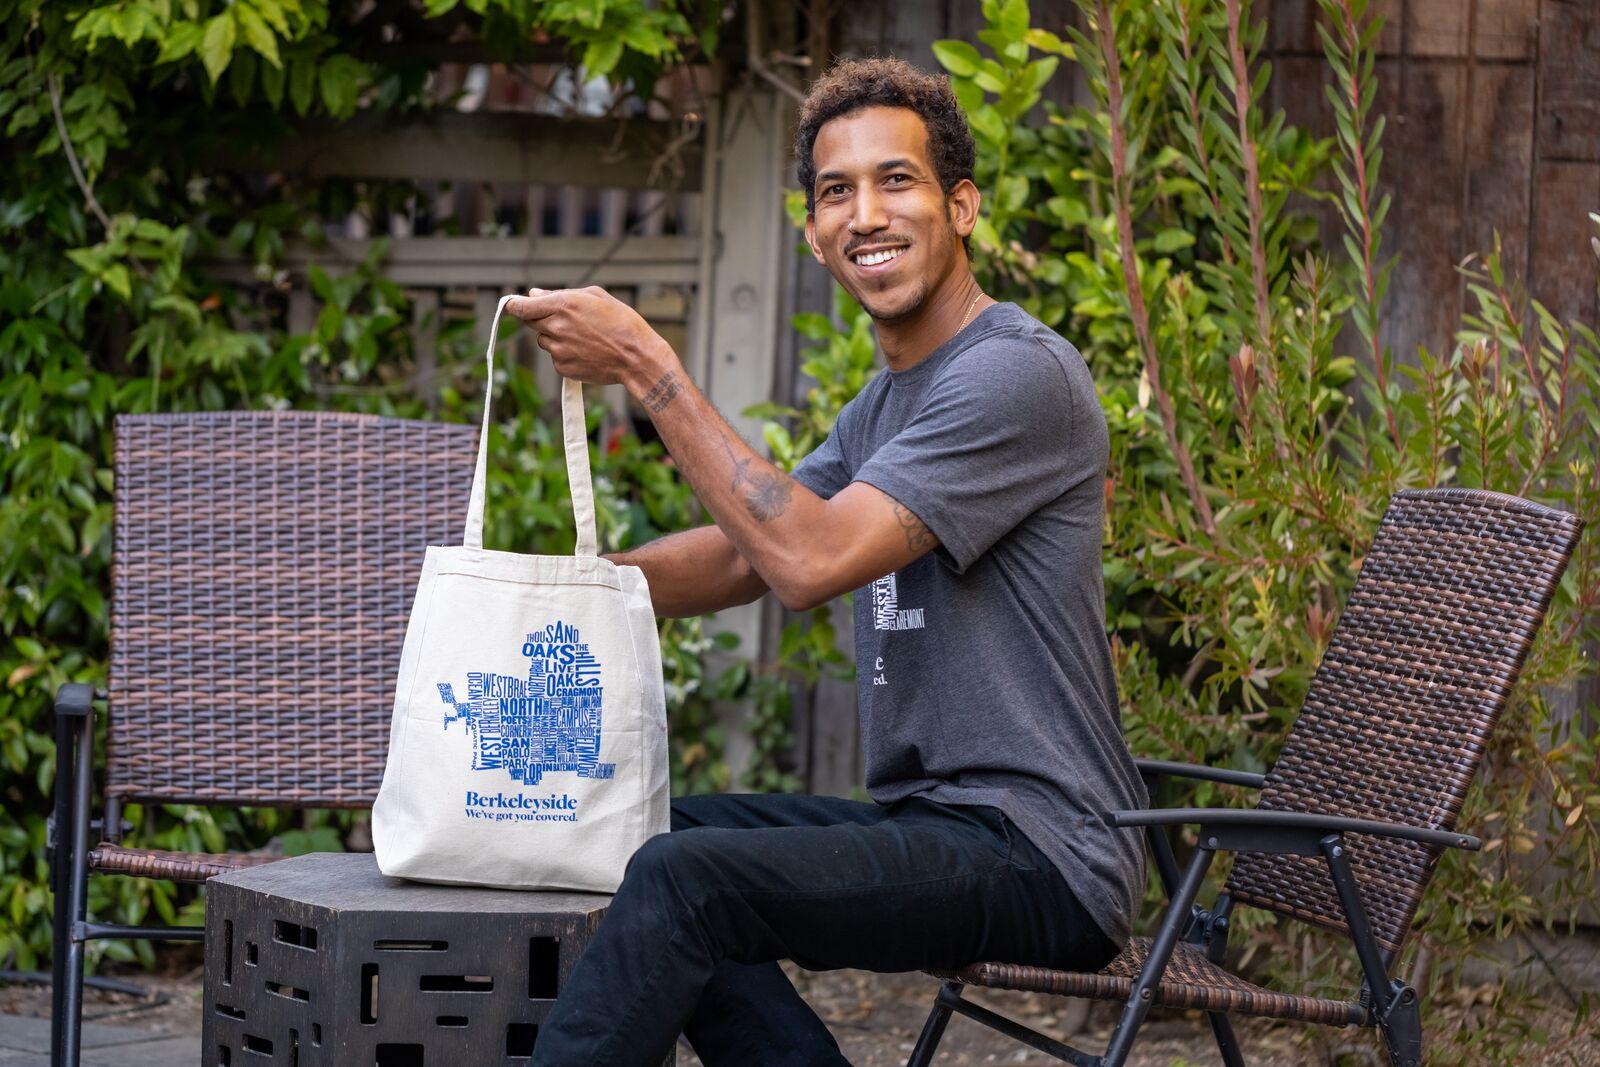 Javier modeling Berkeleyside and Oaklandside T-shirts tote bags